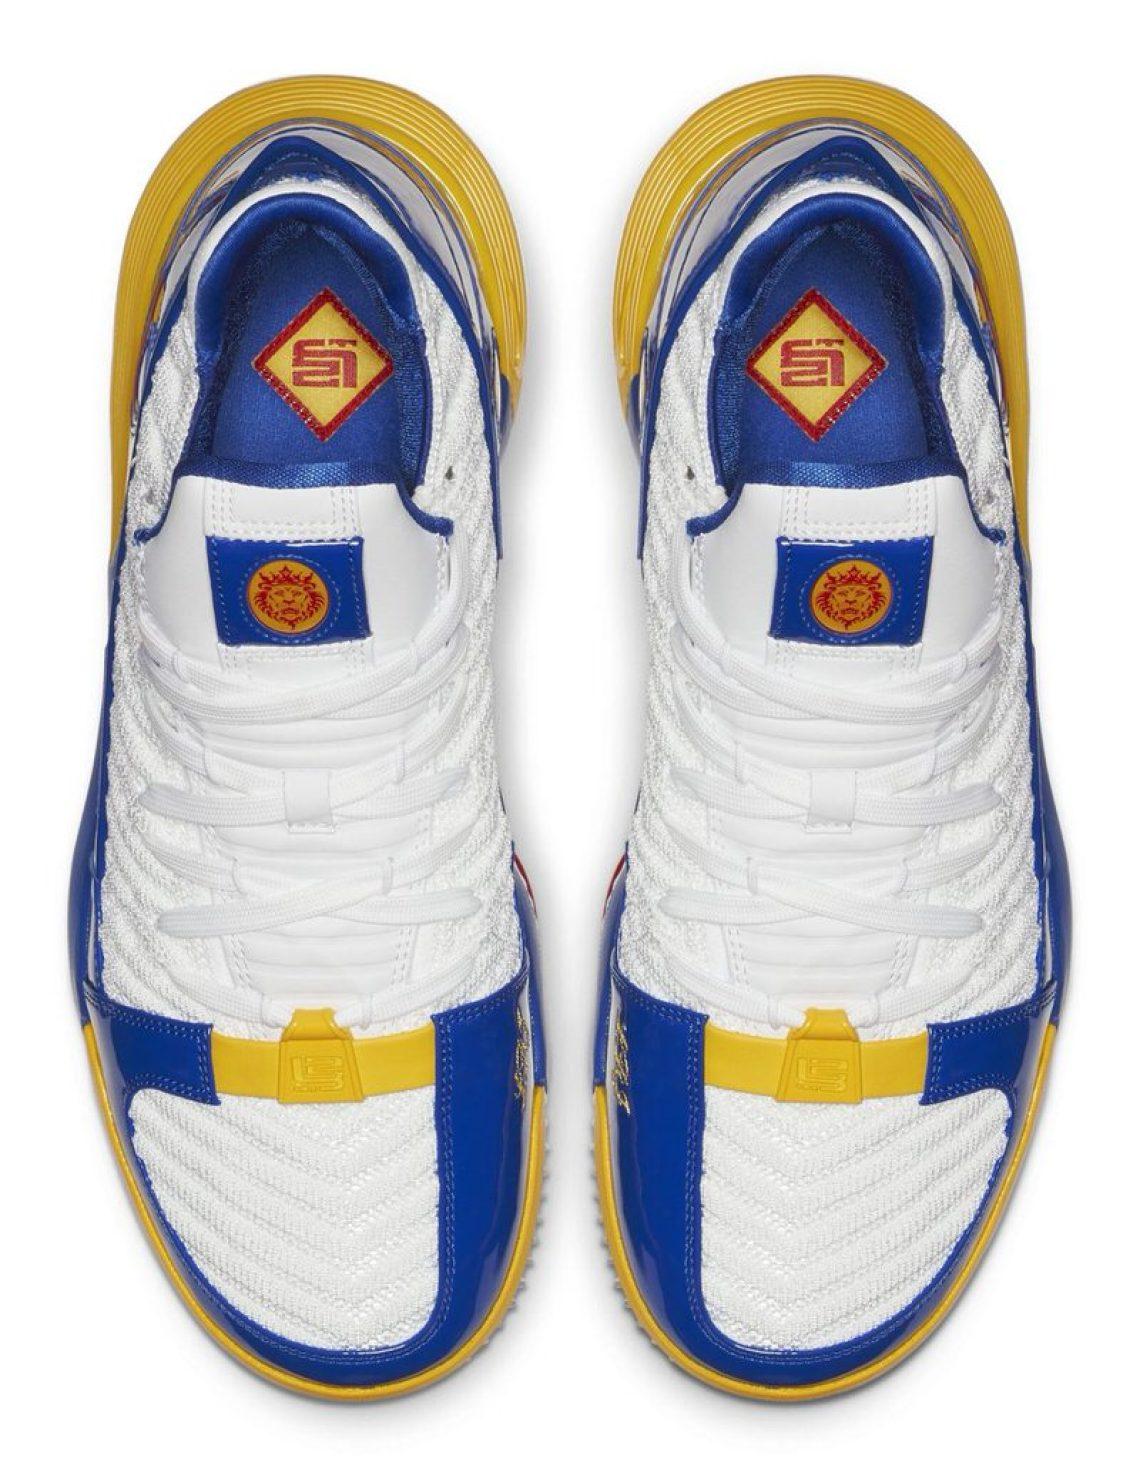 6696aa46fa7 Nike LeBron 16